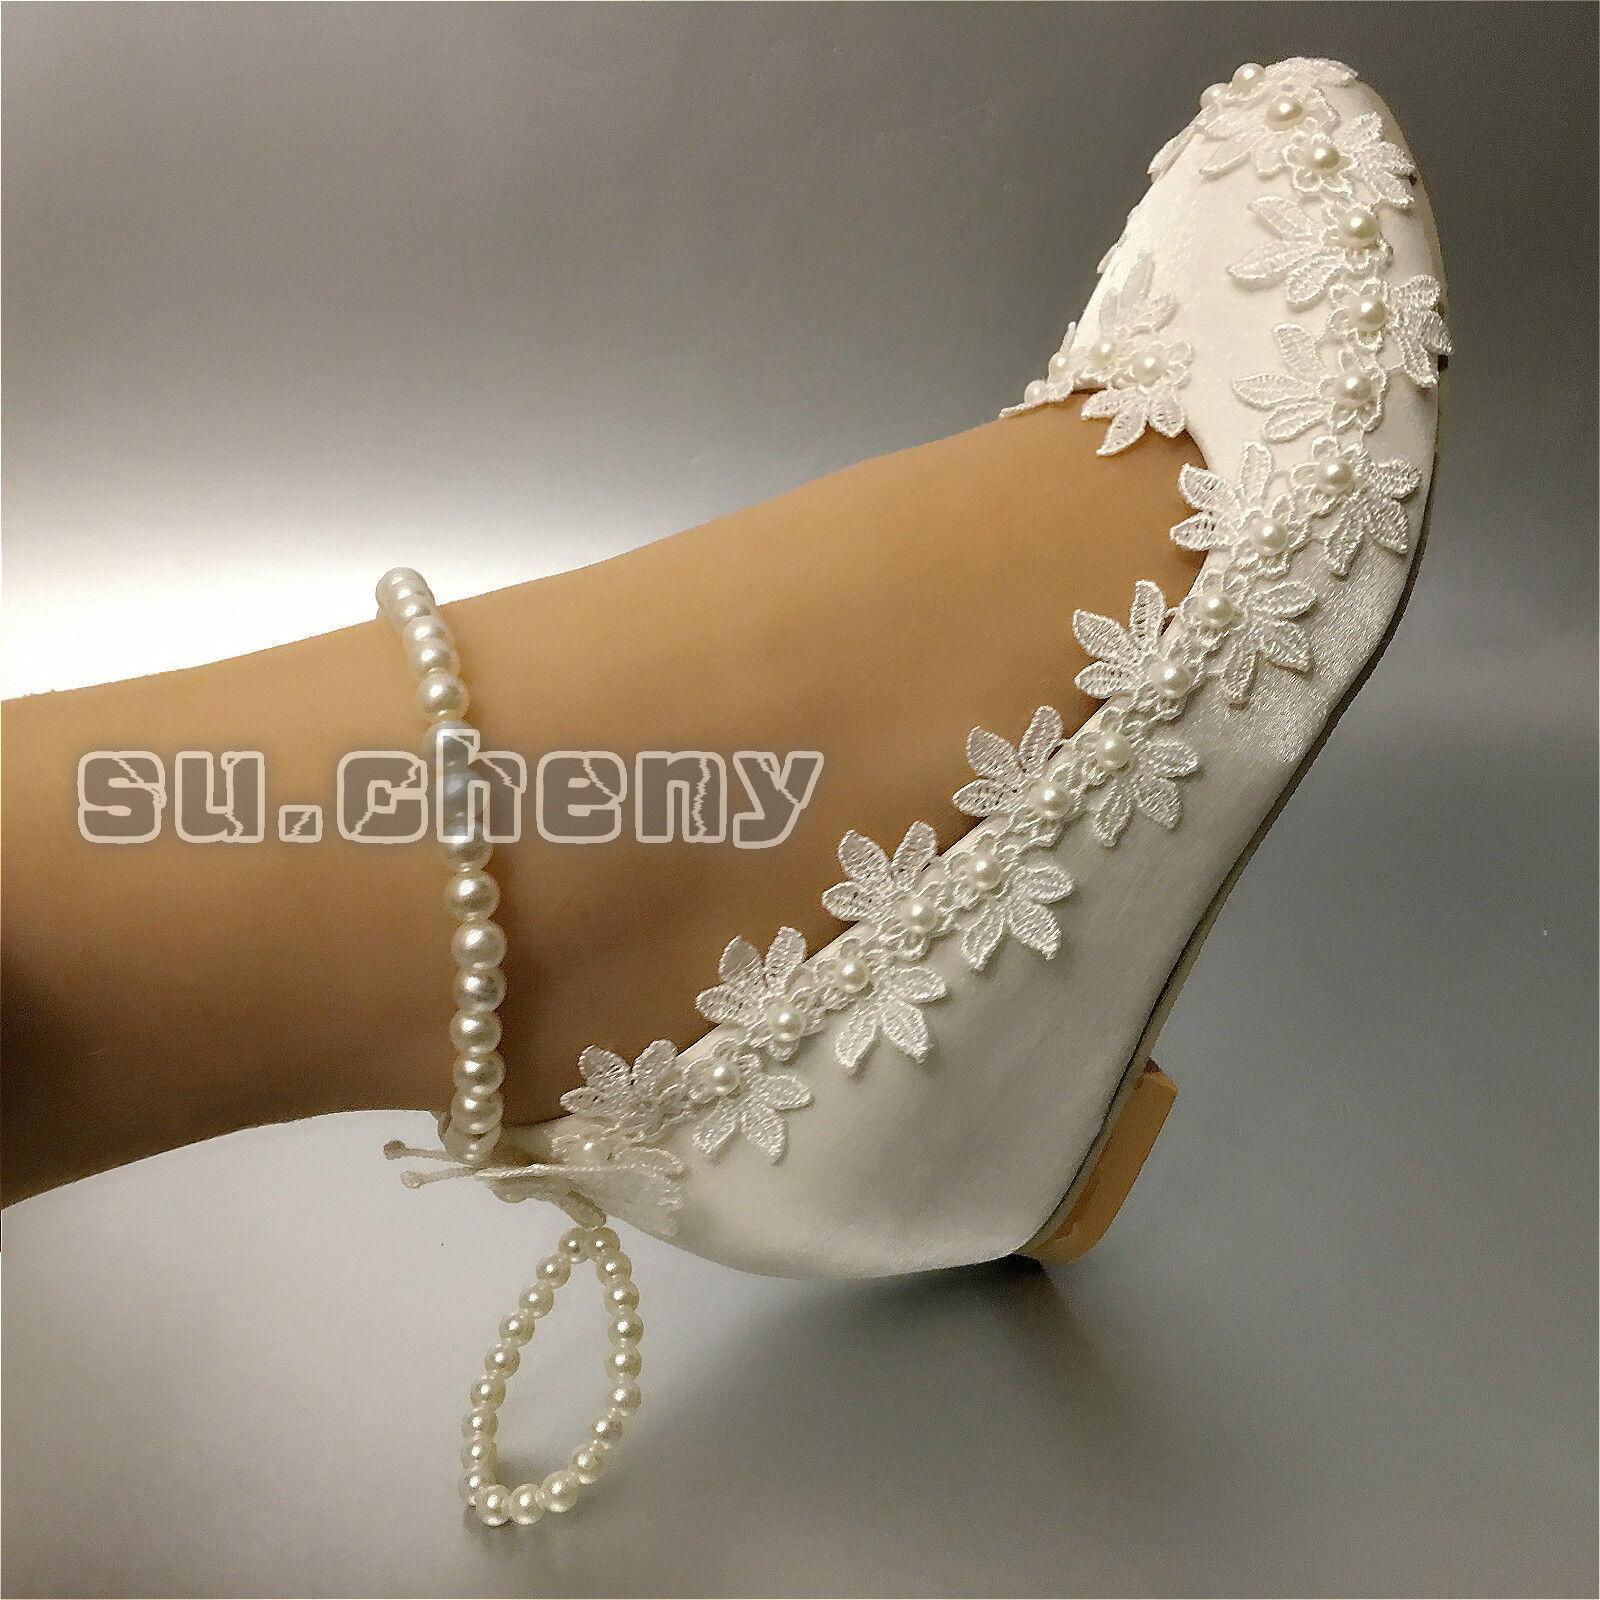 Su.cheny wedge silk Weiß heels lace satin Wedding schuhe Bride heels Weiß pumps Größe 5-11 bf5cad